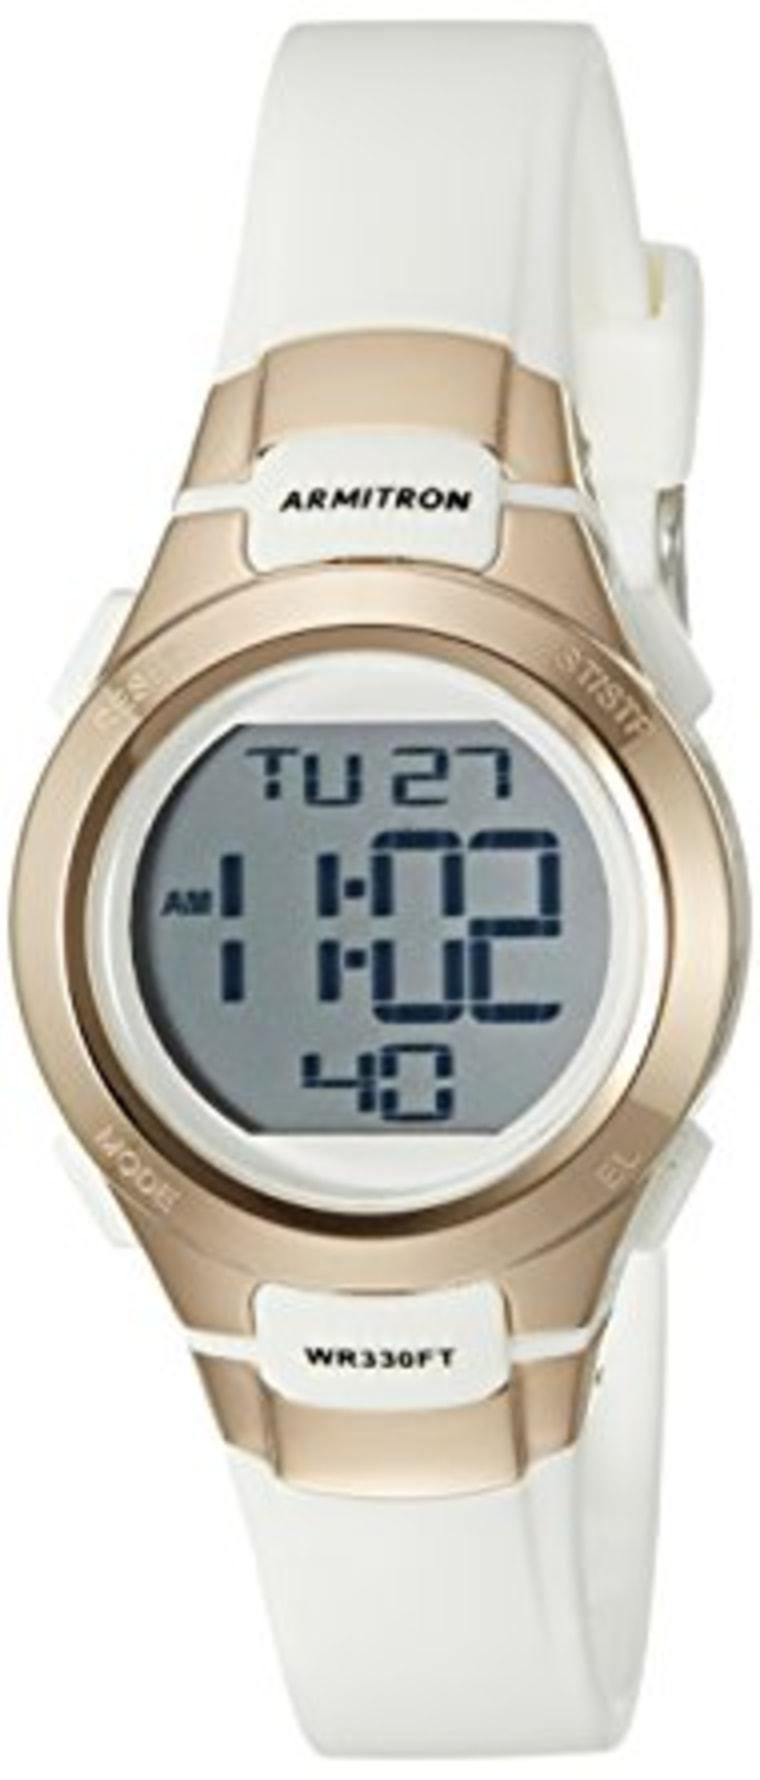 Waterproof gold watch